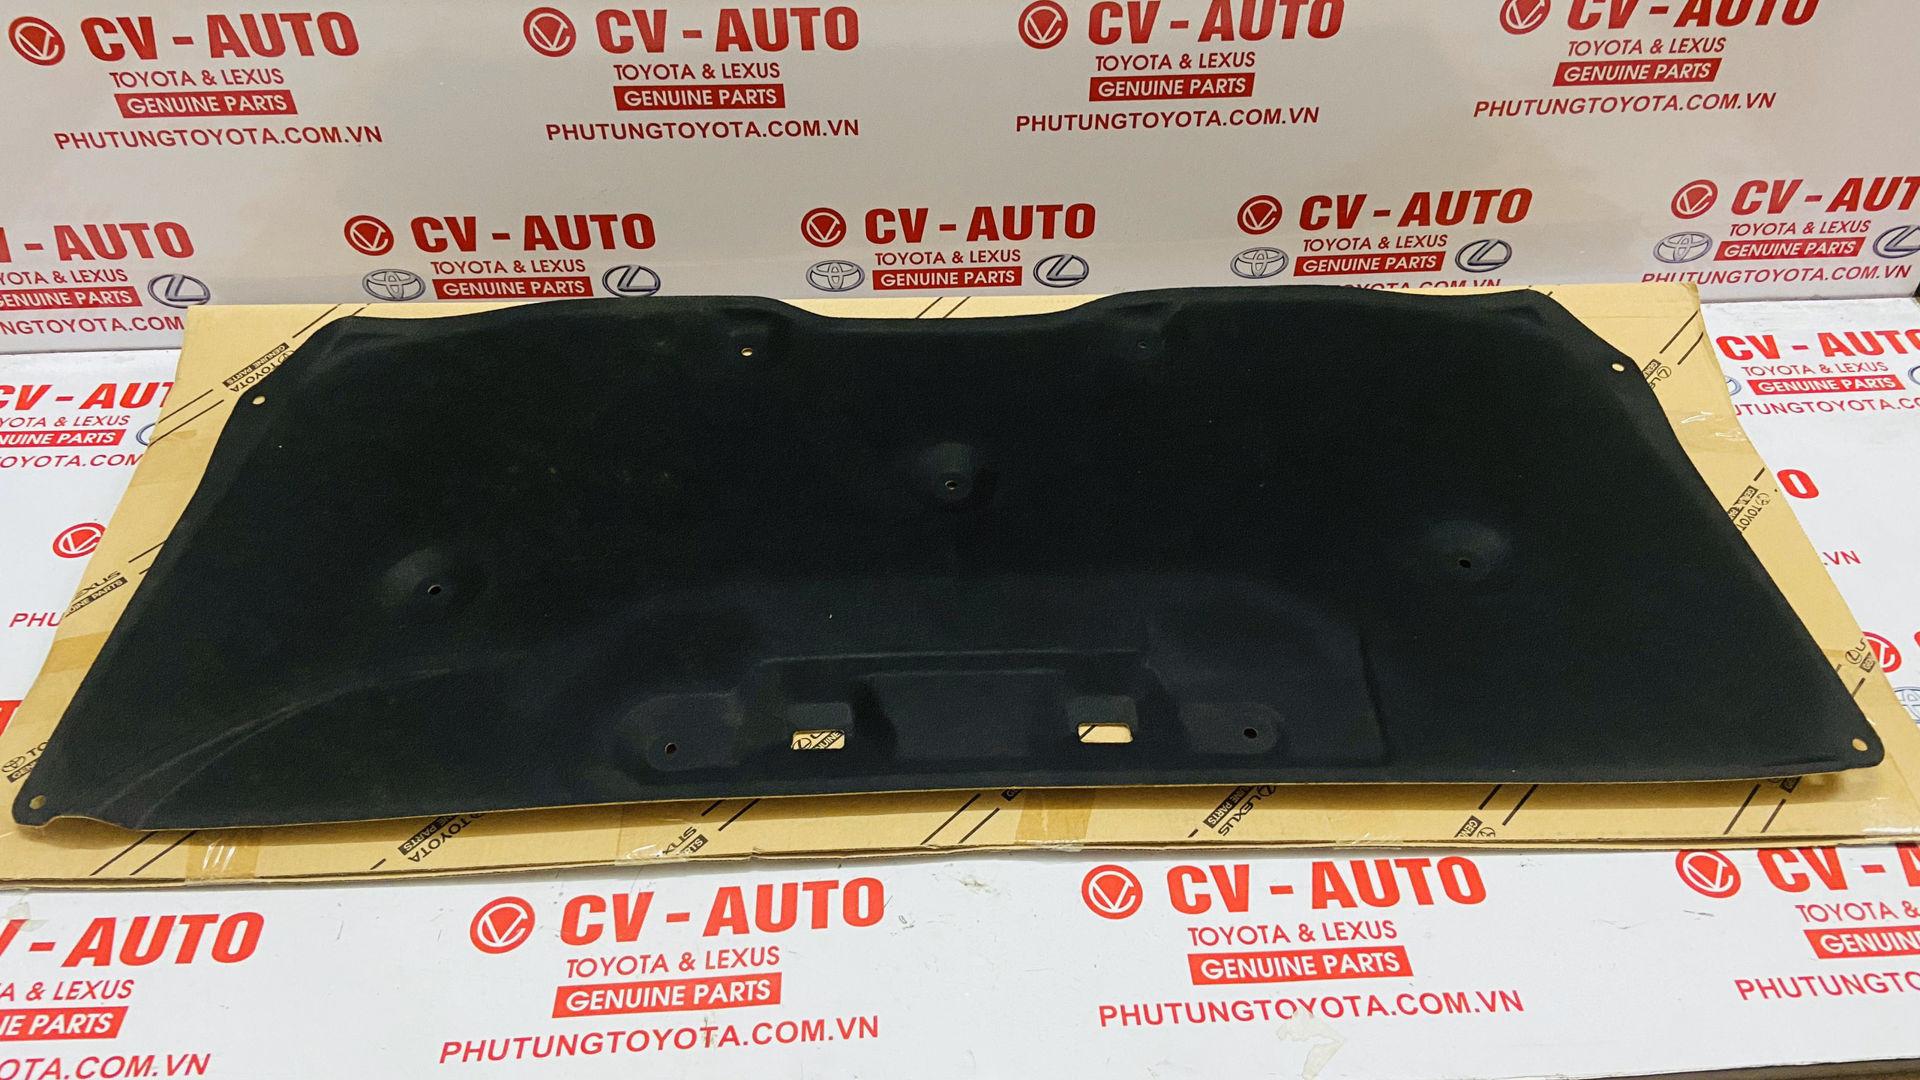 Picture of 53341-33120 Tấm chống nóng capo, tấm cách nhiệt capo Toyota Camry Mỹ chính hãng